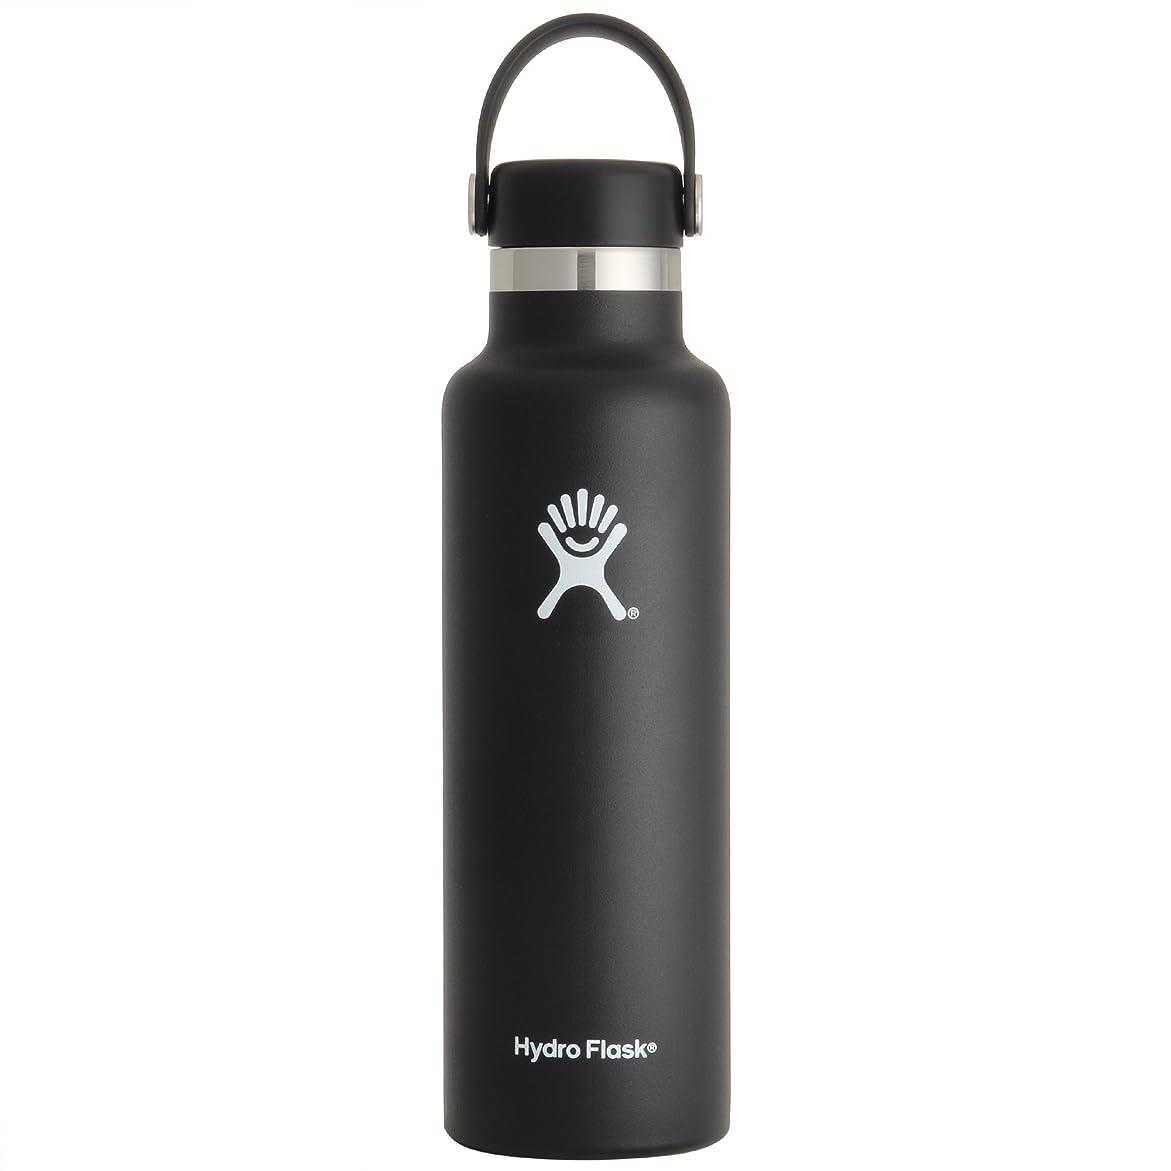 頬骨朝食を食べる迫害Hydro Flask(ハイドロフラスク) HYDRATION_スタンダード_21oz 621ml